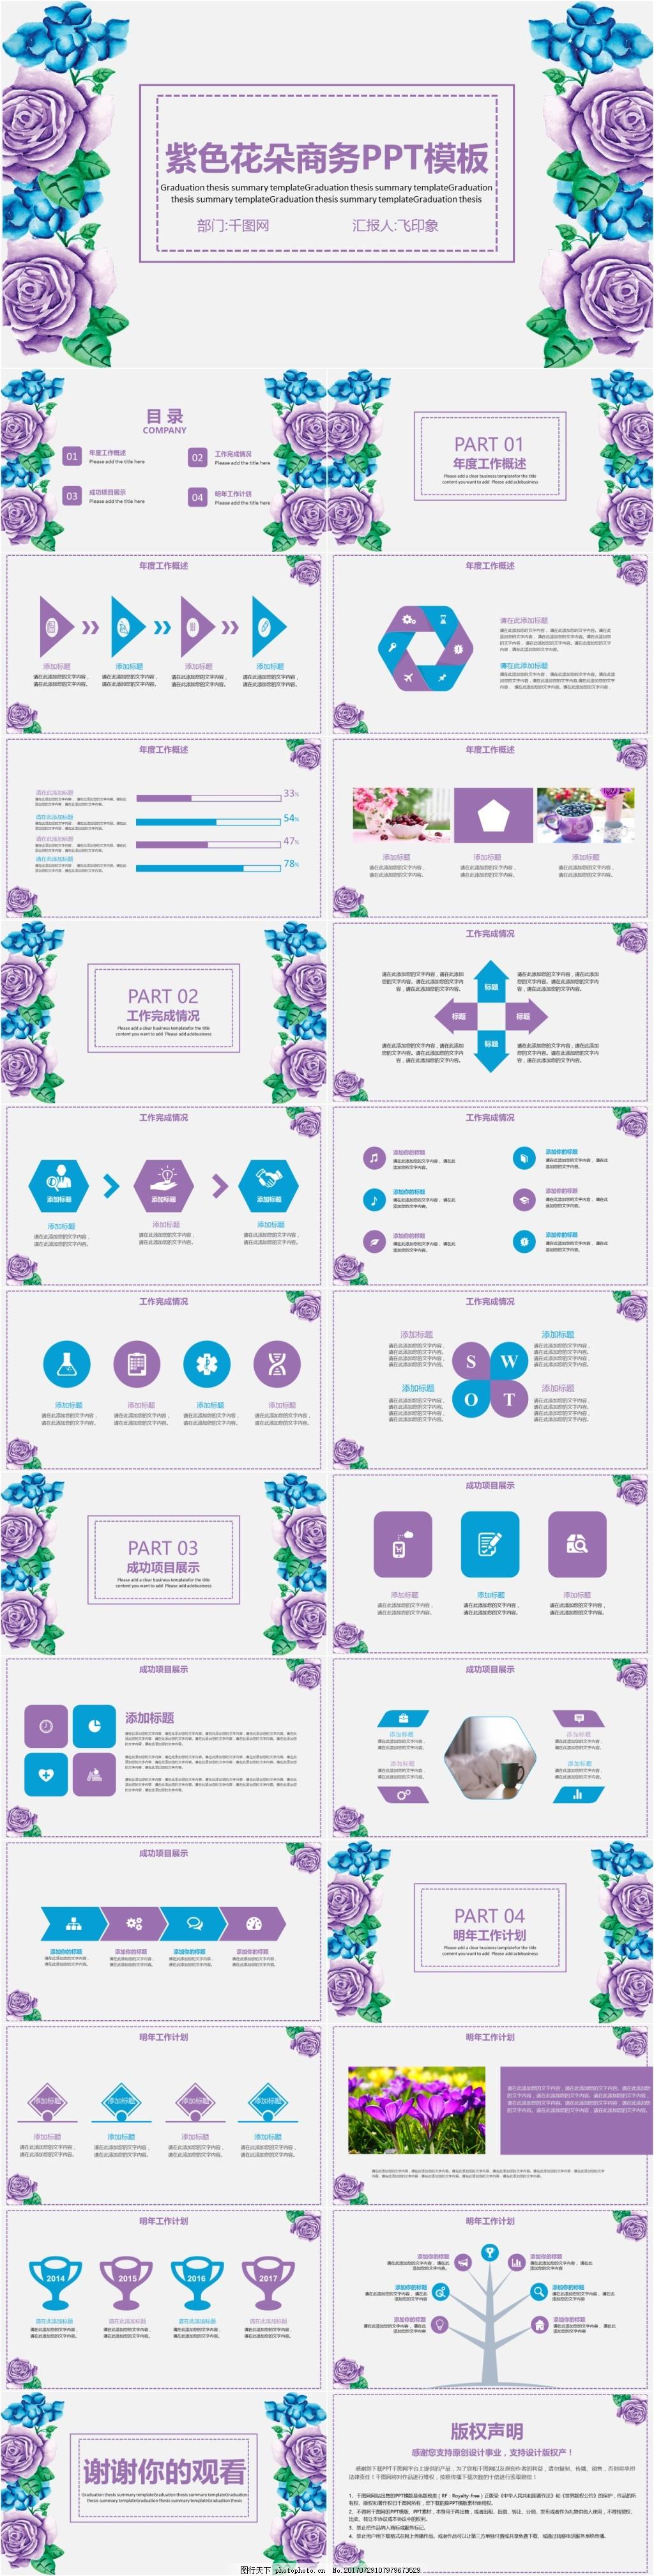 紫色花朵商务PPT模板 商务简约 述职报告 职业规划